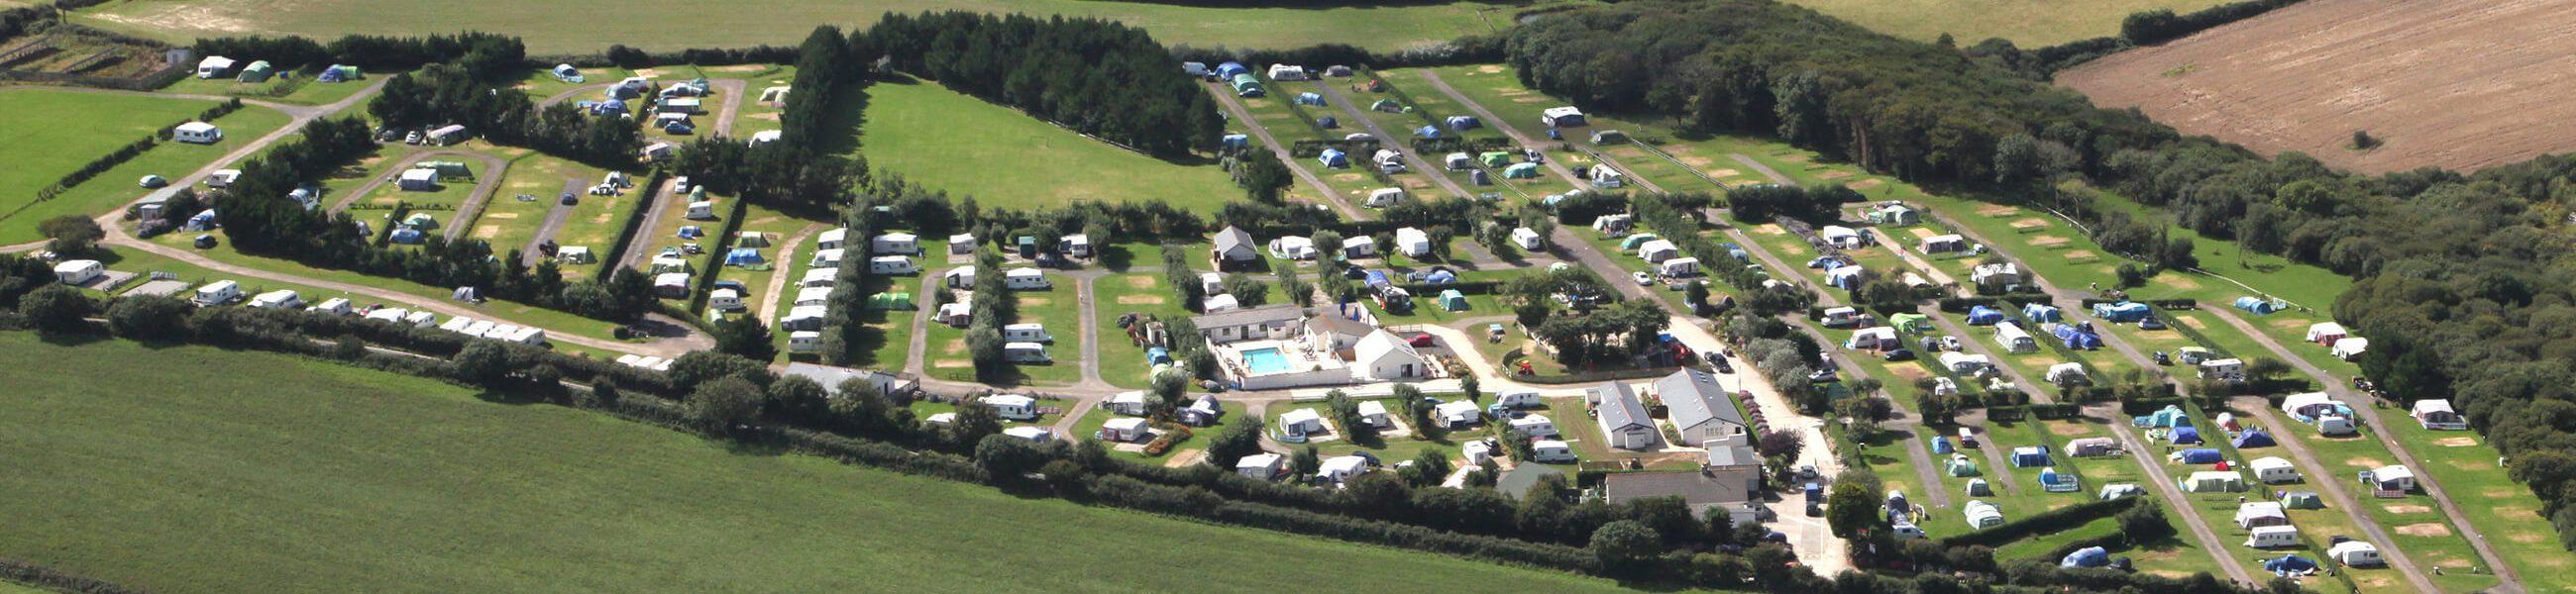 camping touring park cornwal